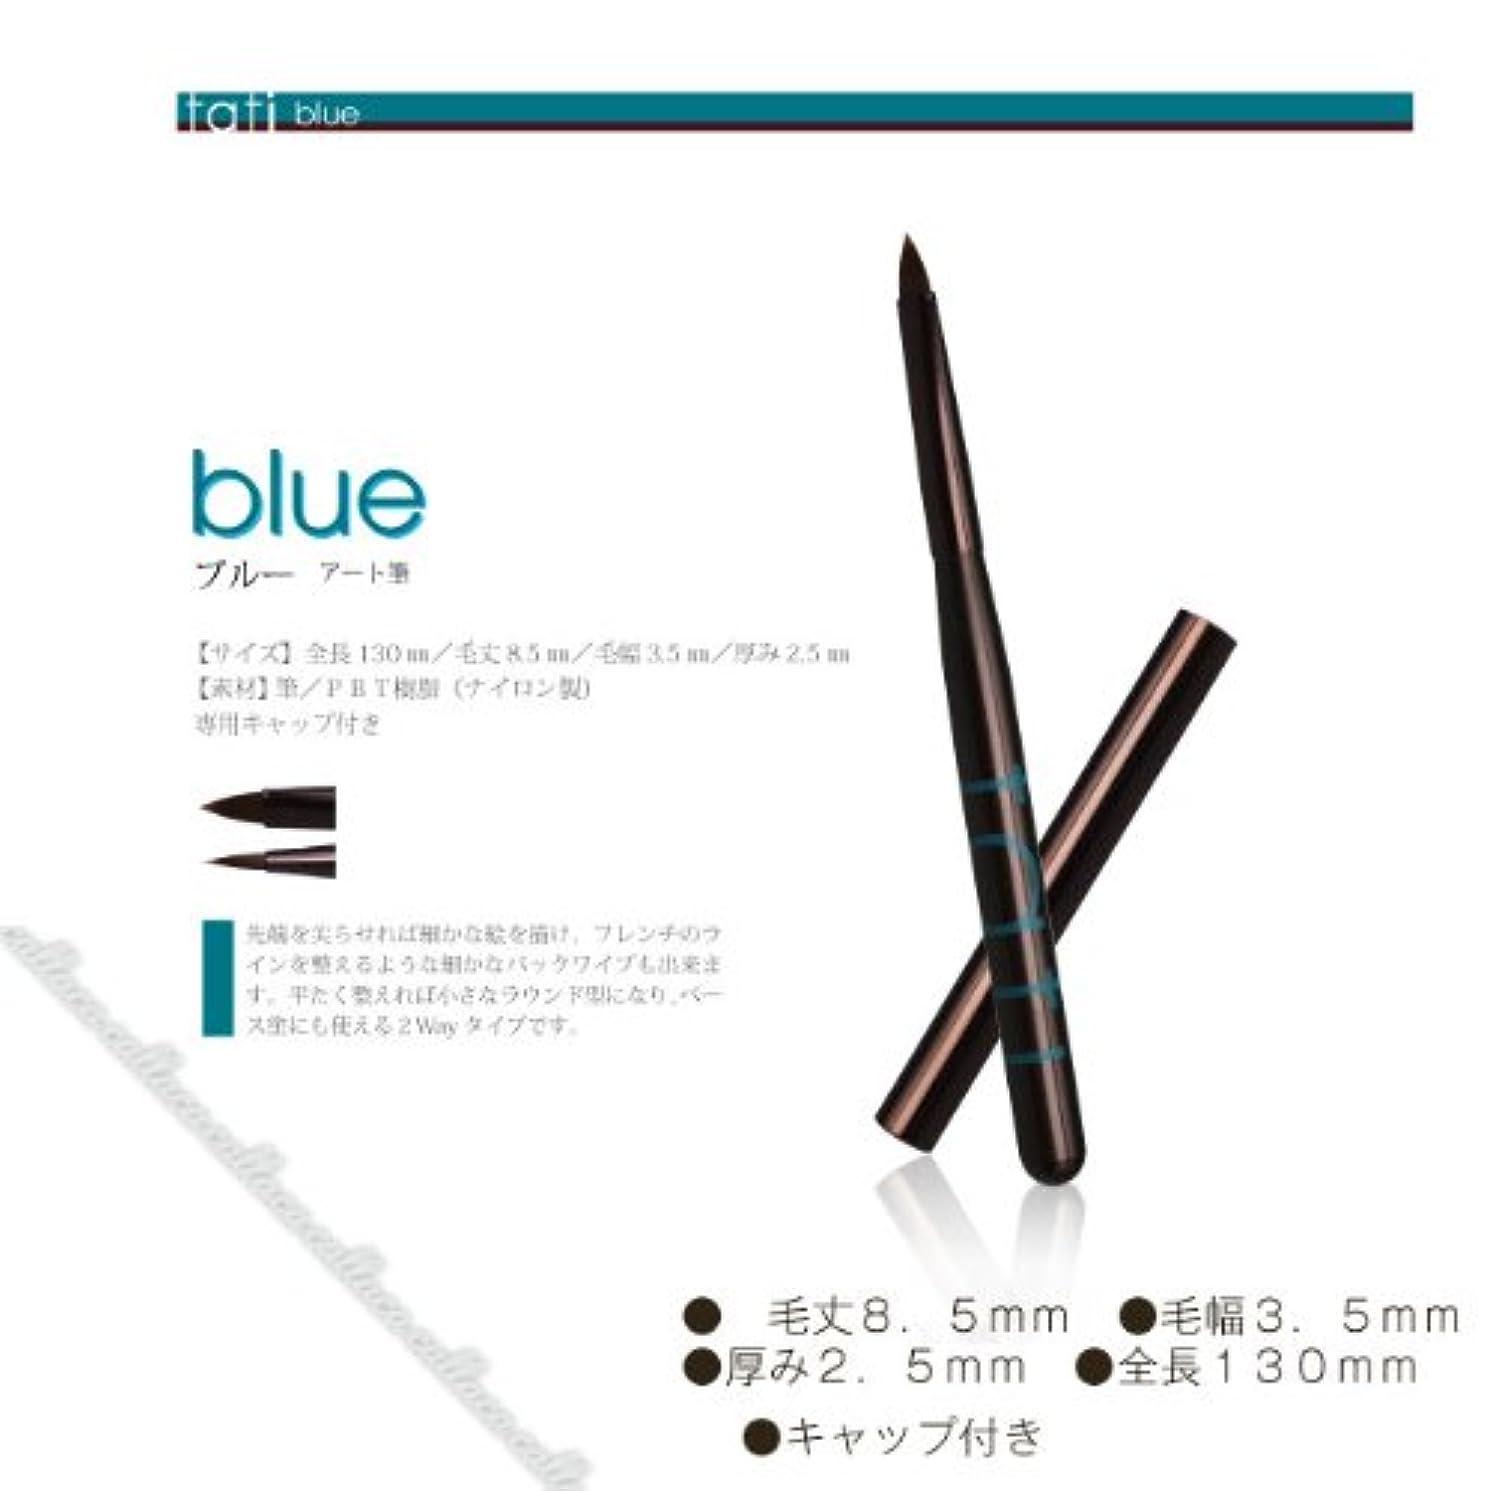 プラカード柔らかい足ボウリングtati ジェル ブラシアートショコラ blue(ブルー)